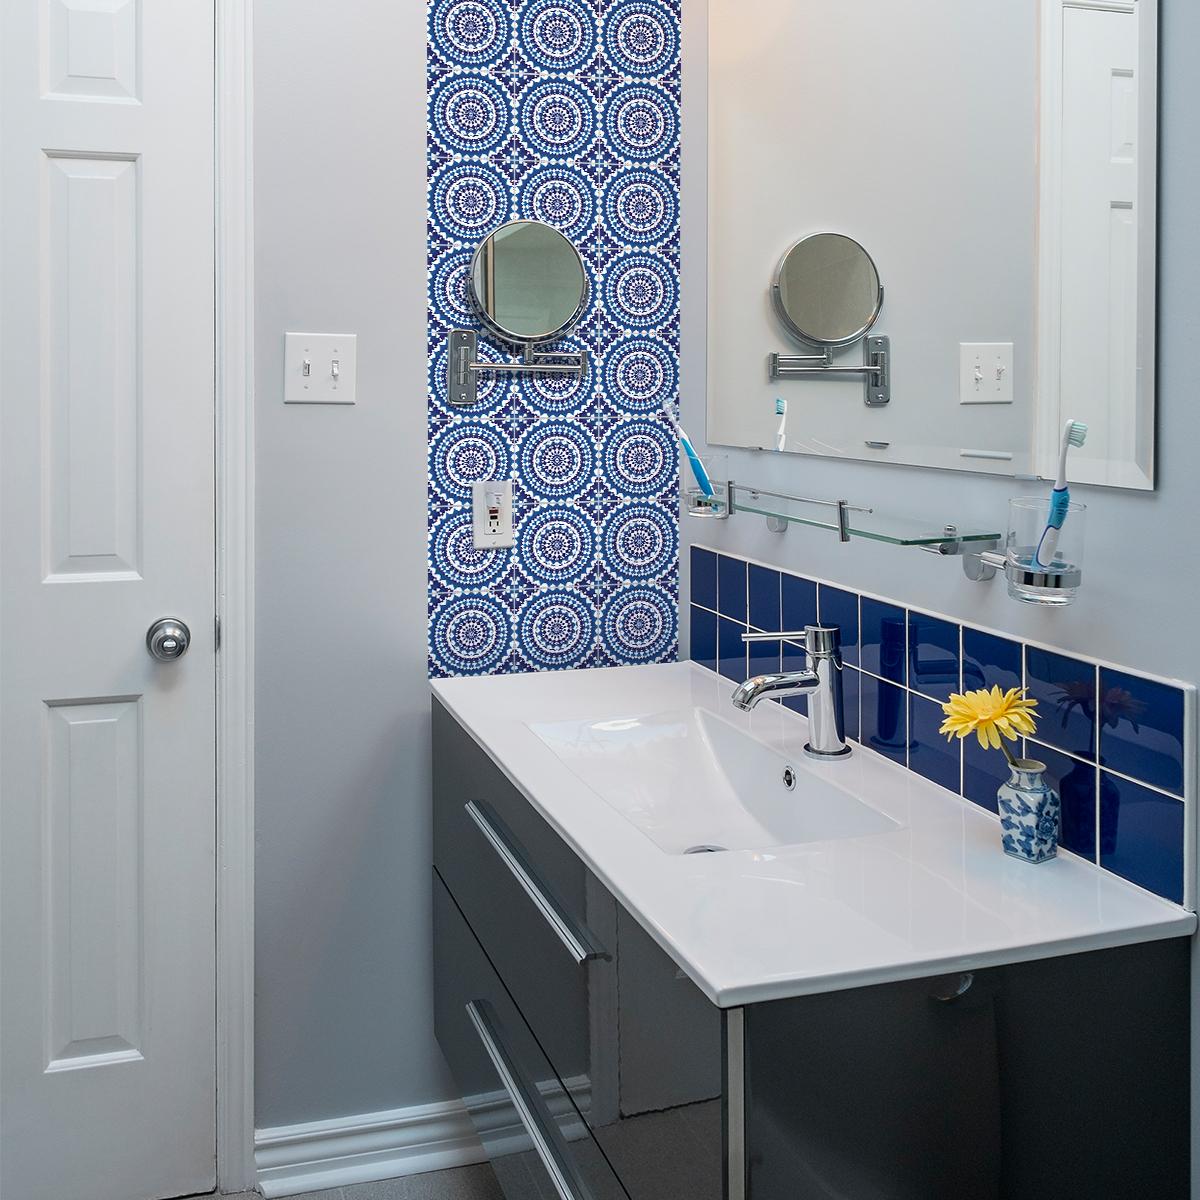 24 stickers carreaux de ciment ethnique bangui cuisine. Black Bedroom Furniture Sets. Home Design Ideas